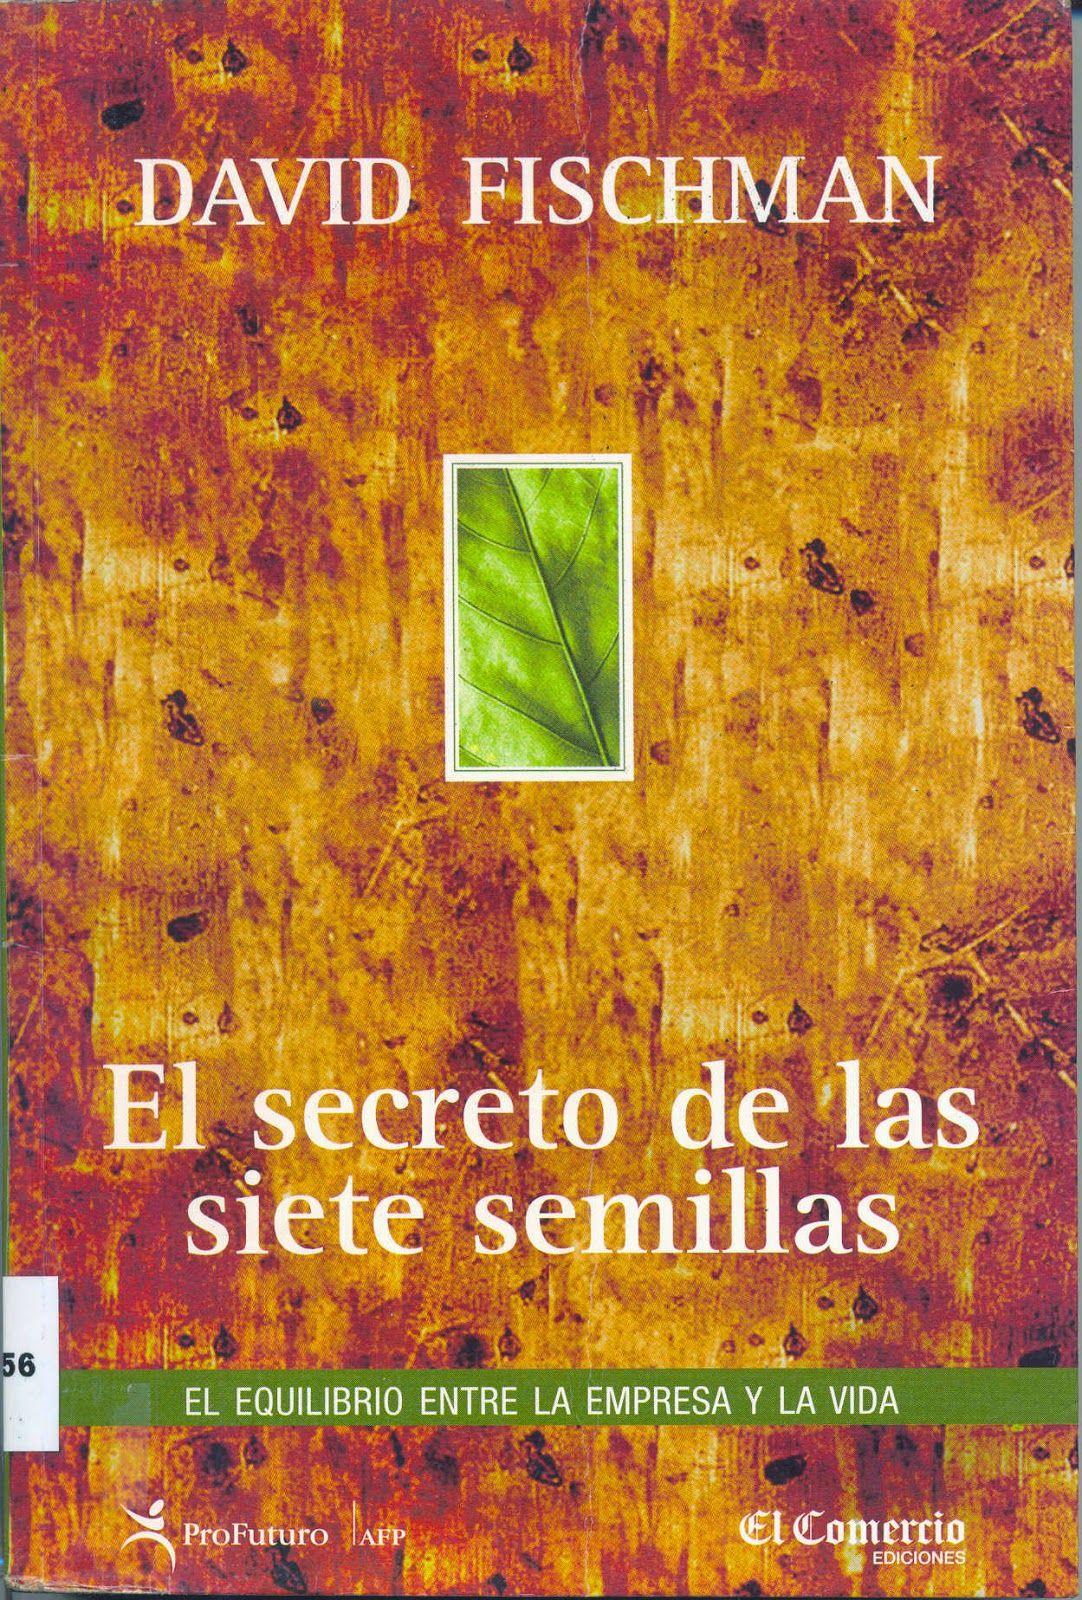 Resumen por capitulos del libro el secreto de las siete semillas david fischman